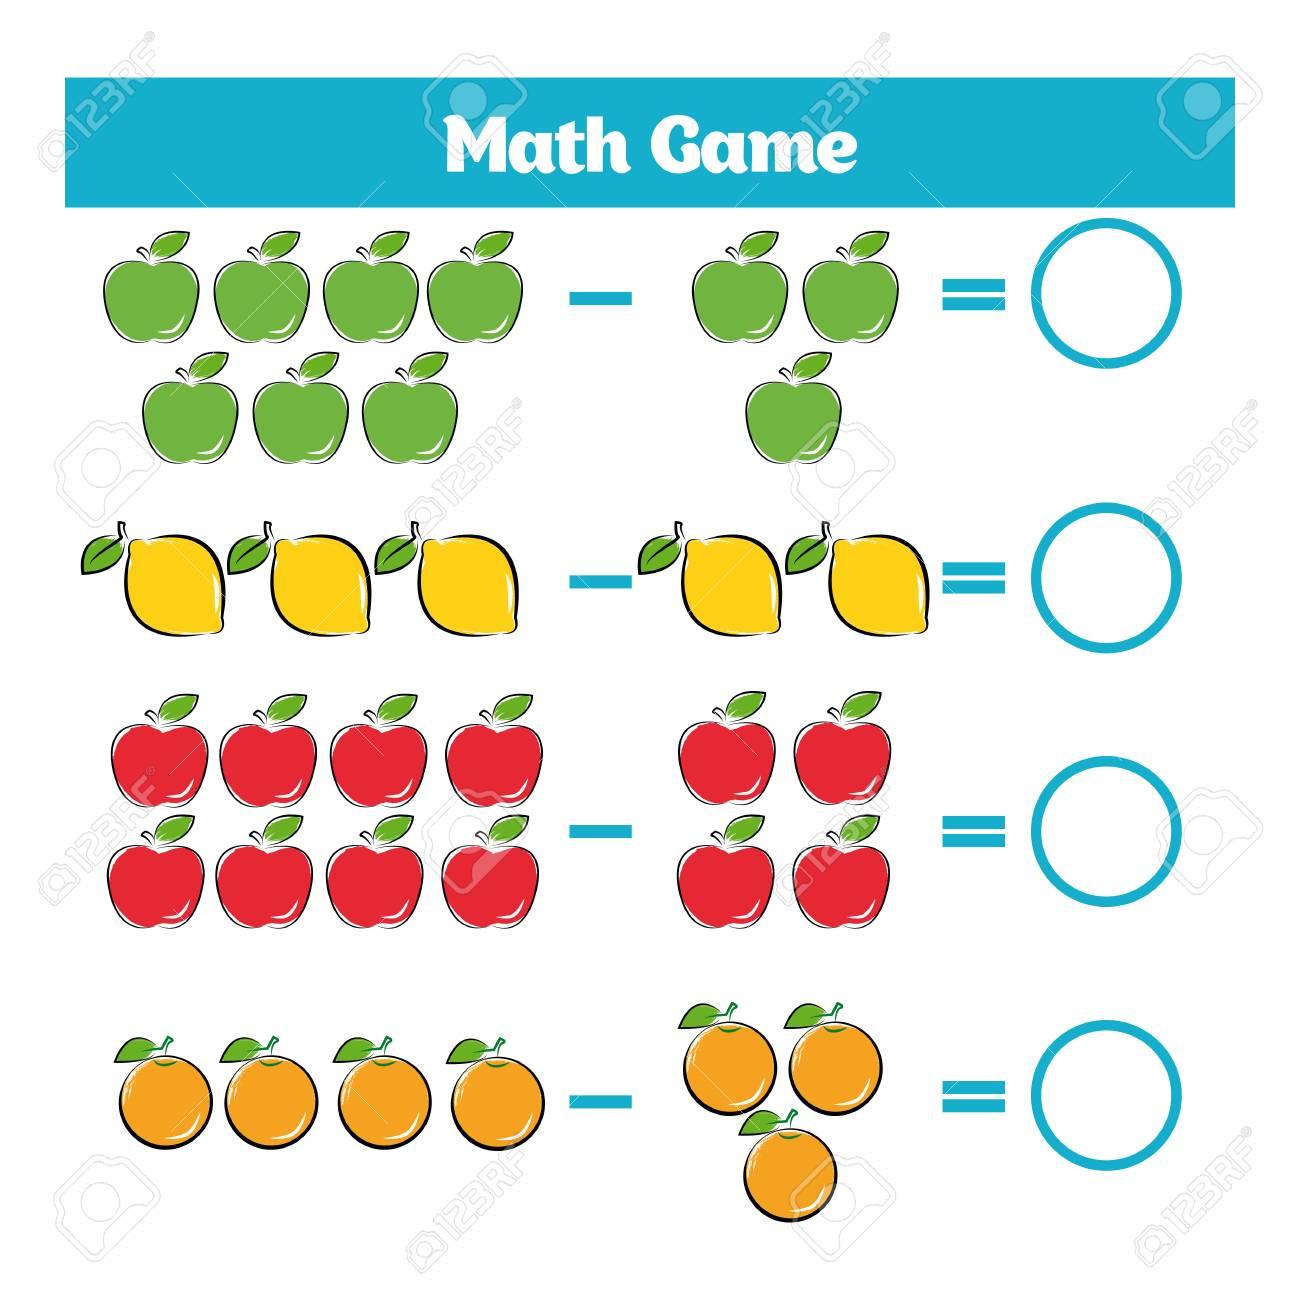 Jeu Éducatif Mathématique Pour Les Enfants. Apprentissage Soustraction  Feuille De Calcul Pour Les Enfants, En Comptant L'activité. serapportantà Jeu Calcul Enfant